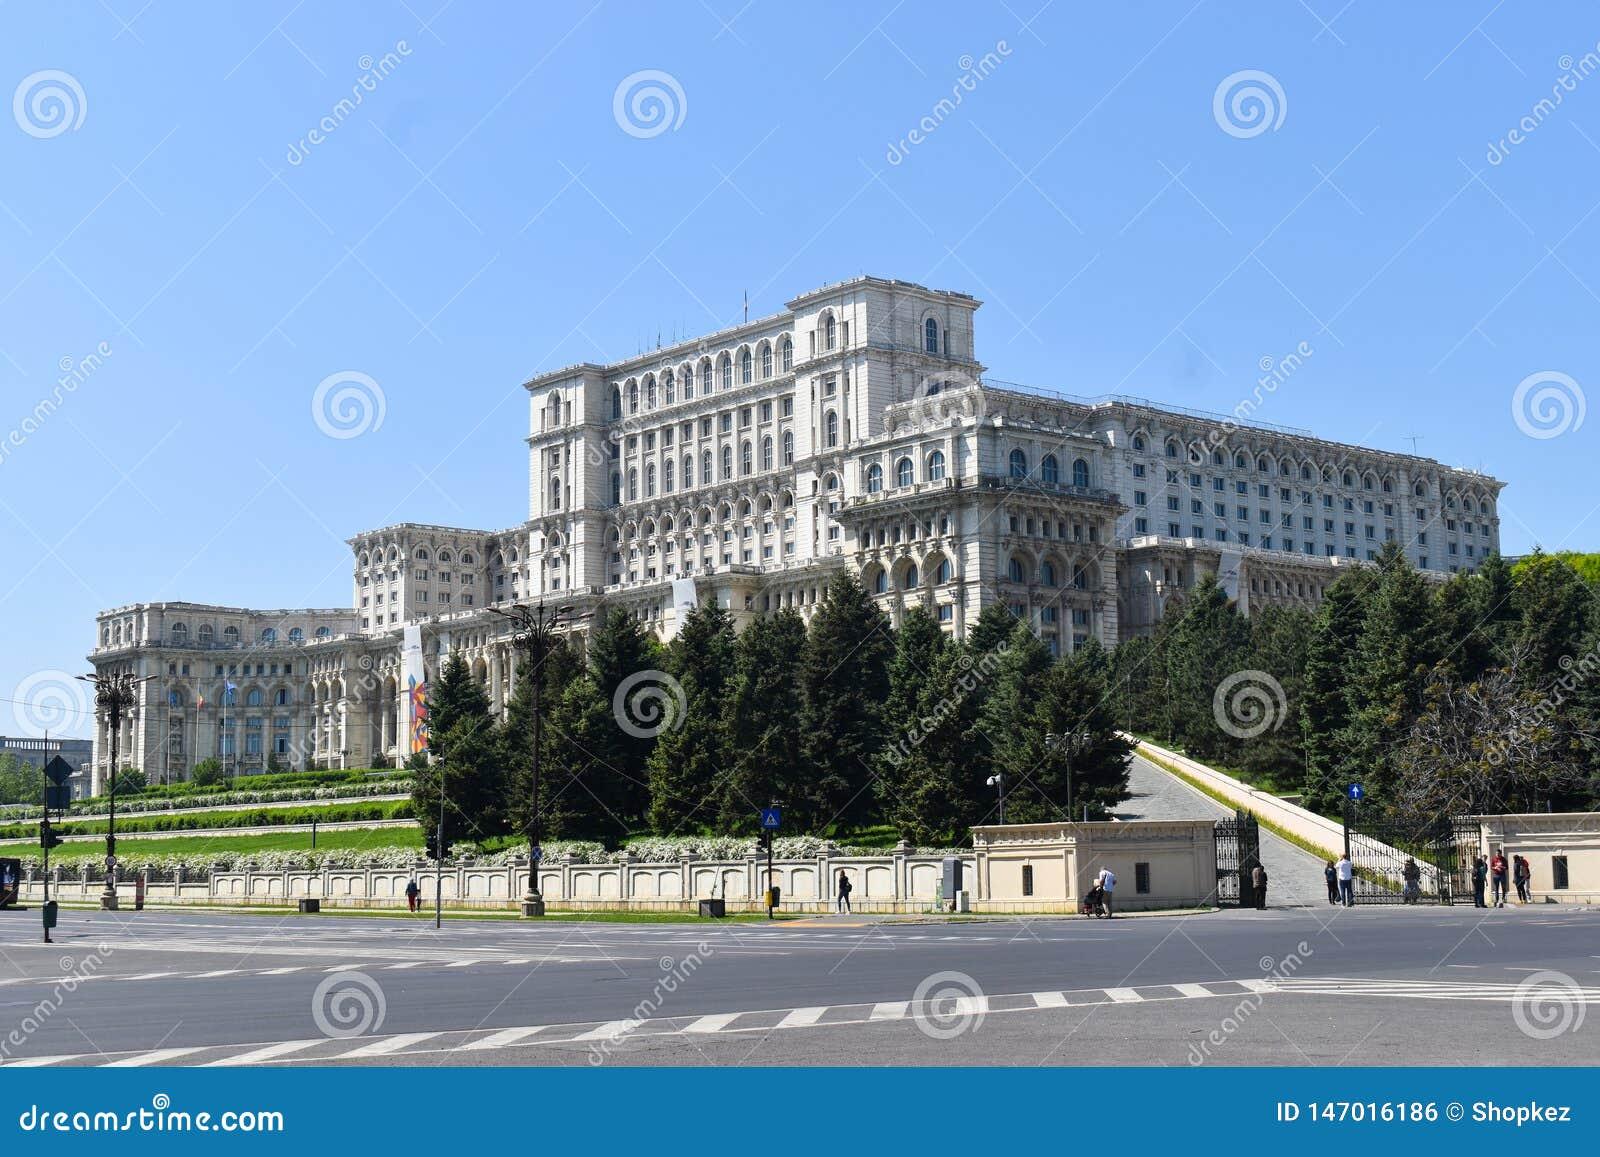 El palacio de la casa del parlamento o de la gente, Bucarest, Rumania Vista nocturna del cuadrado central El palacio era b pedido